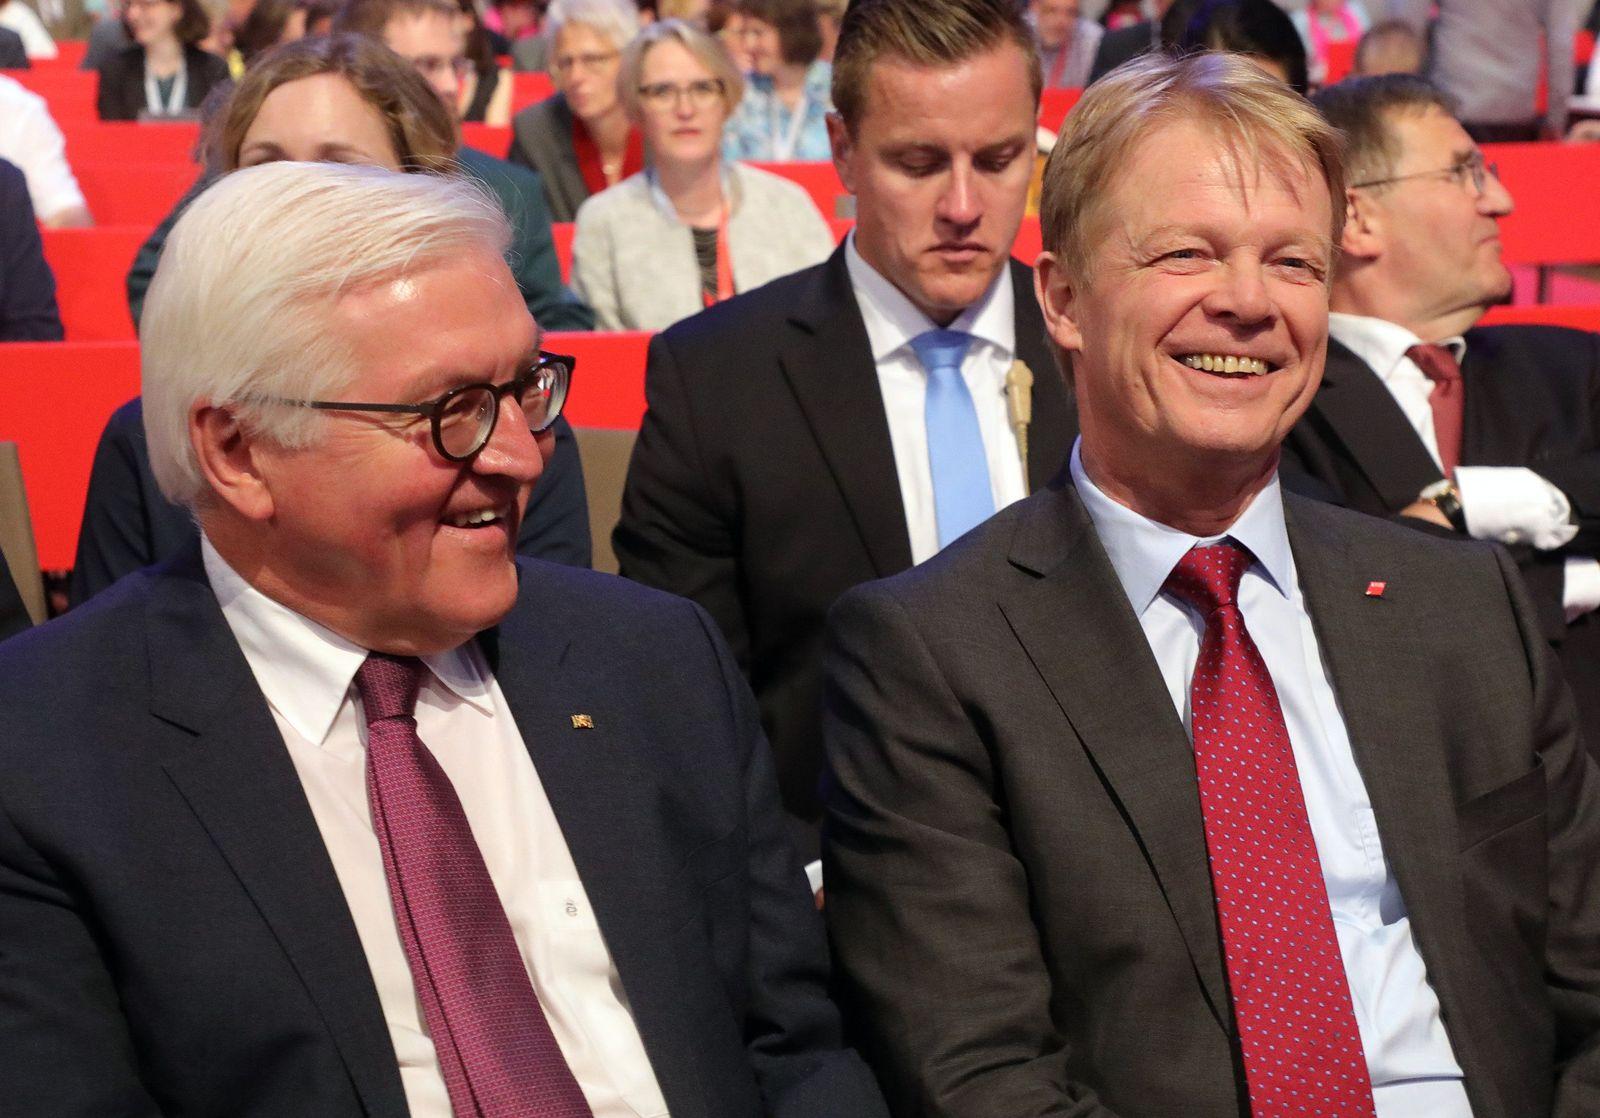 Bundeskongress des Deutschen Gewerkschaftsbundes (DGB)